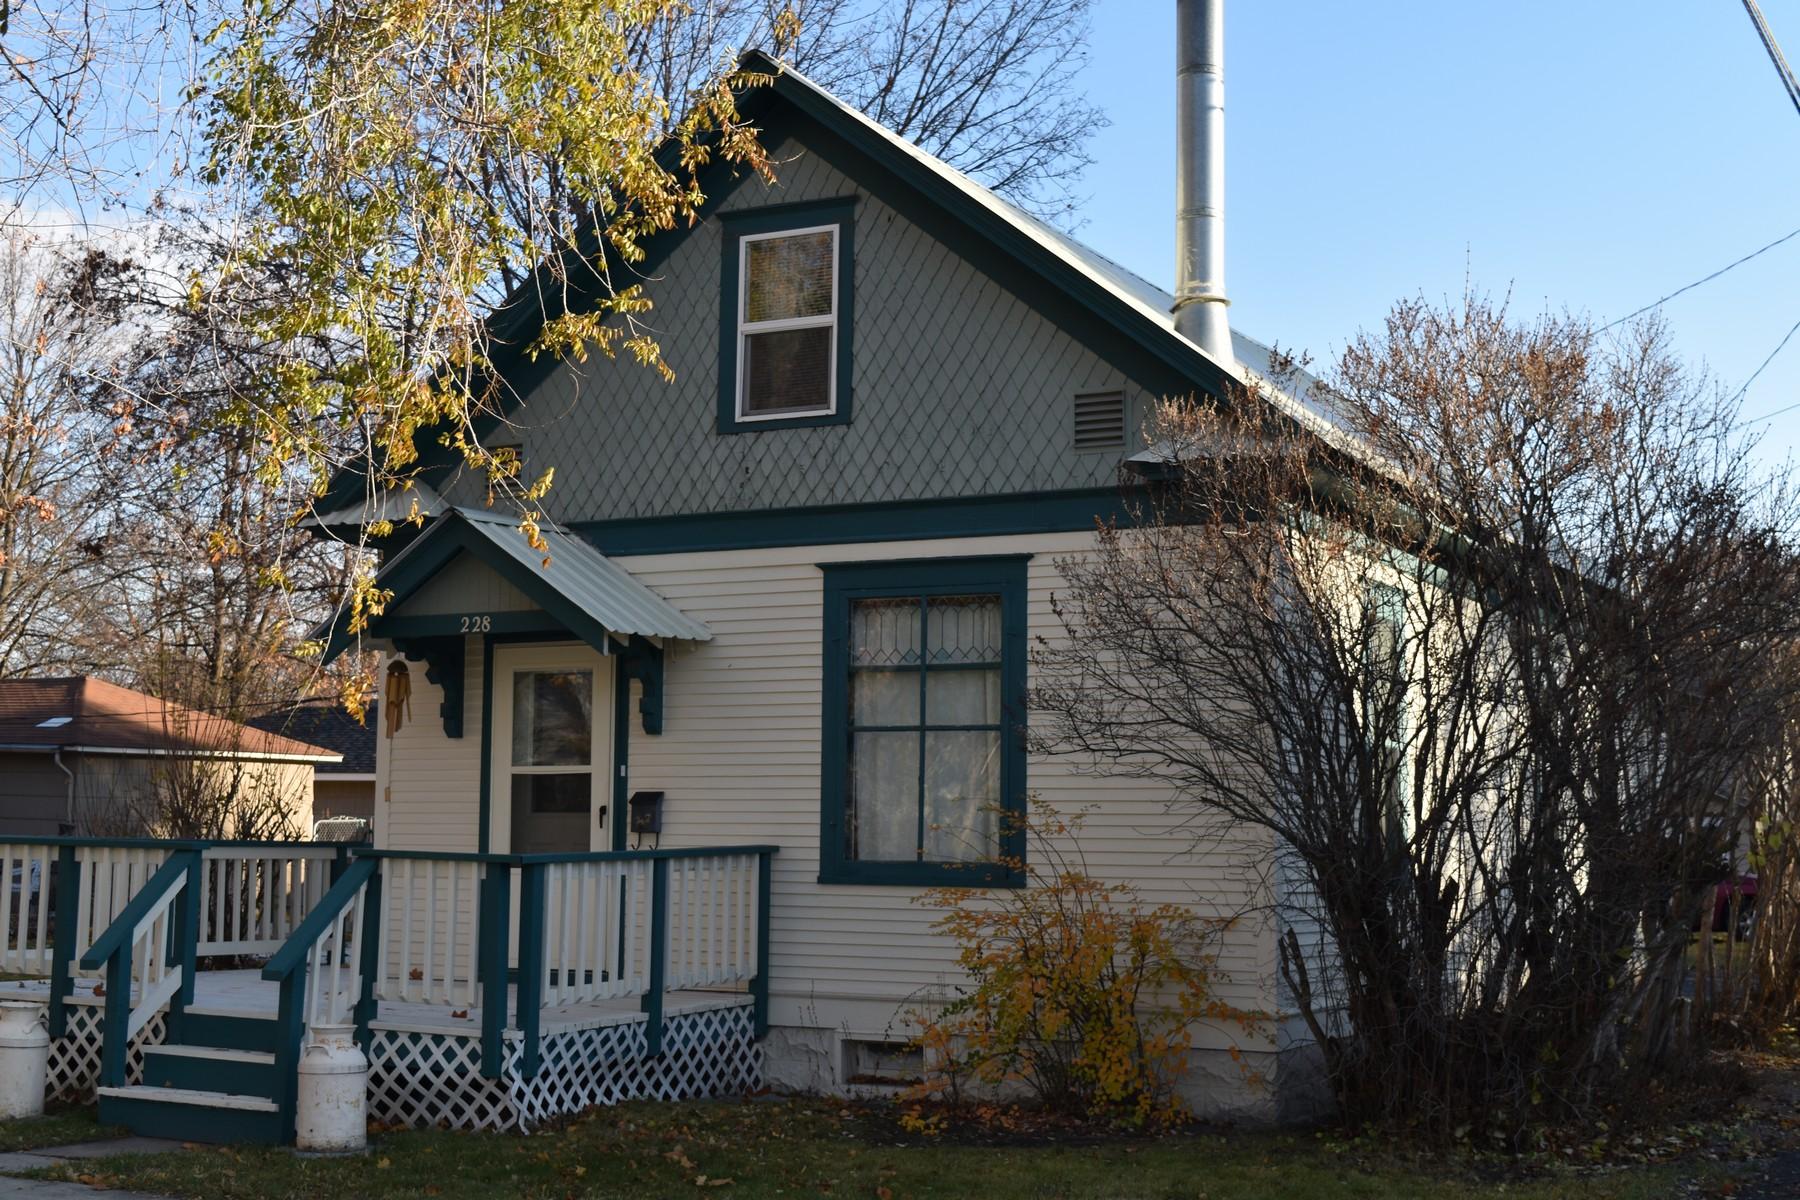 一戸建て のために 売買 アット Kalispell Cottage 228 10th Avenue W Kalispell, モンタナ 59901 アメリカ合衆国